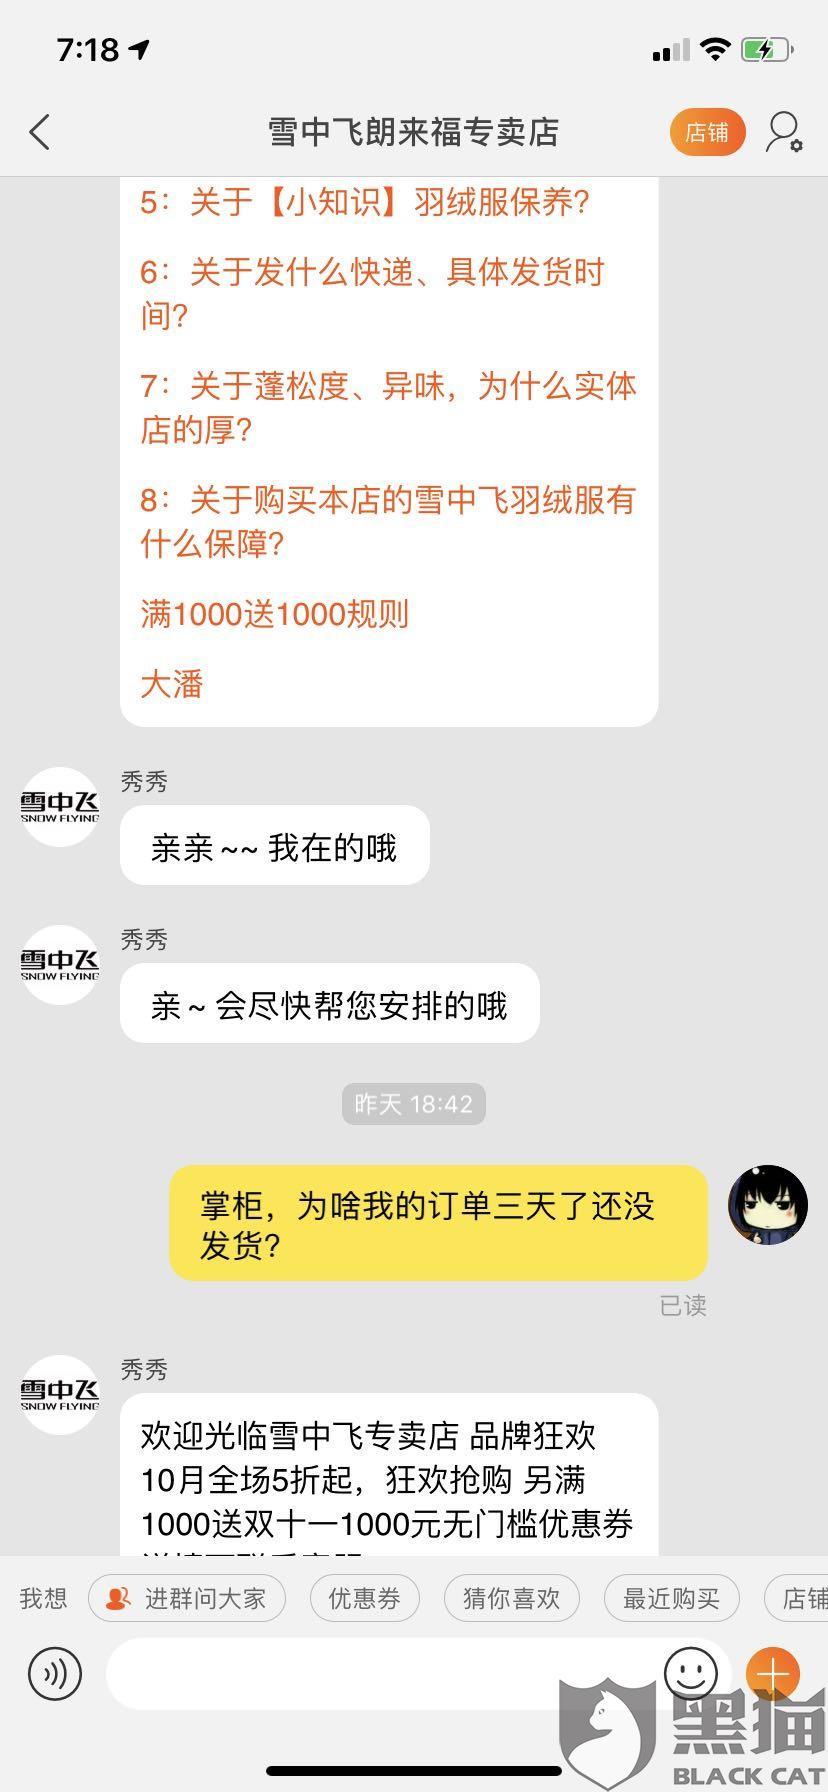 黑猫投诉:天猫雪中飞朗来福专卖店拒不发货